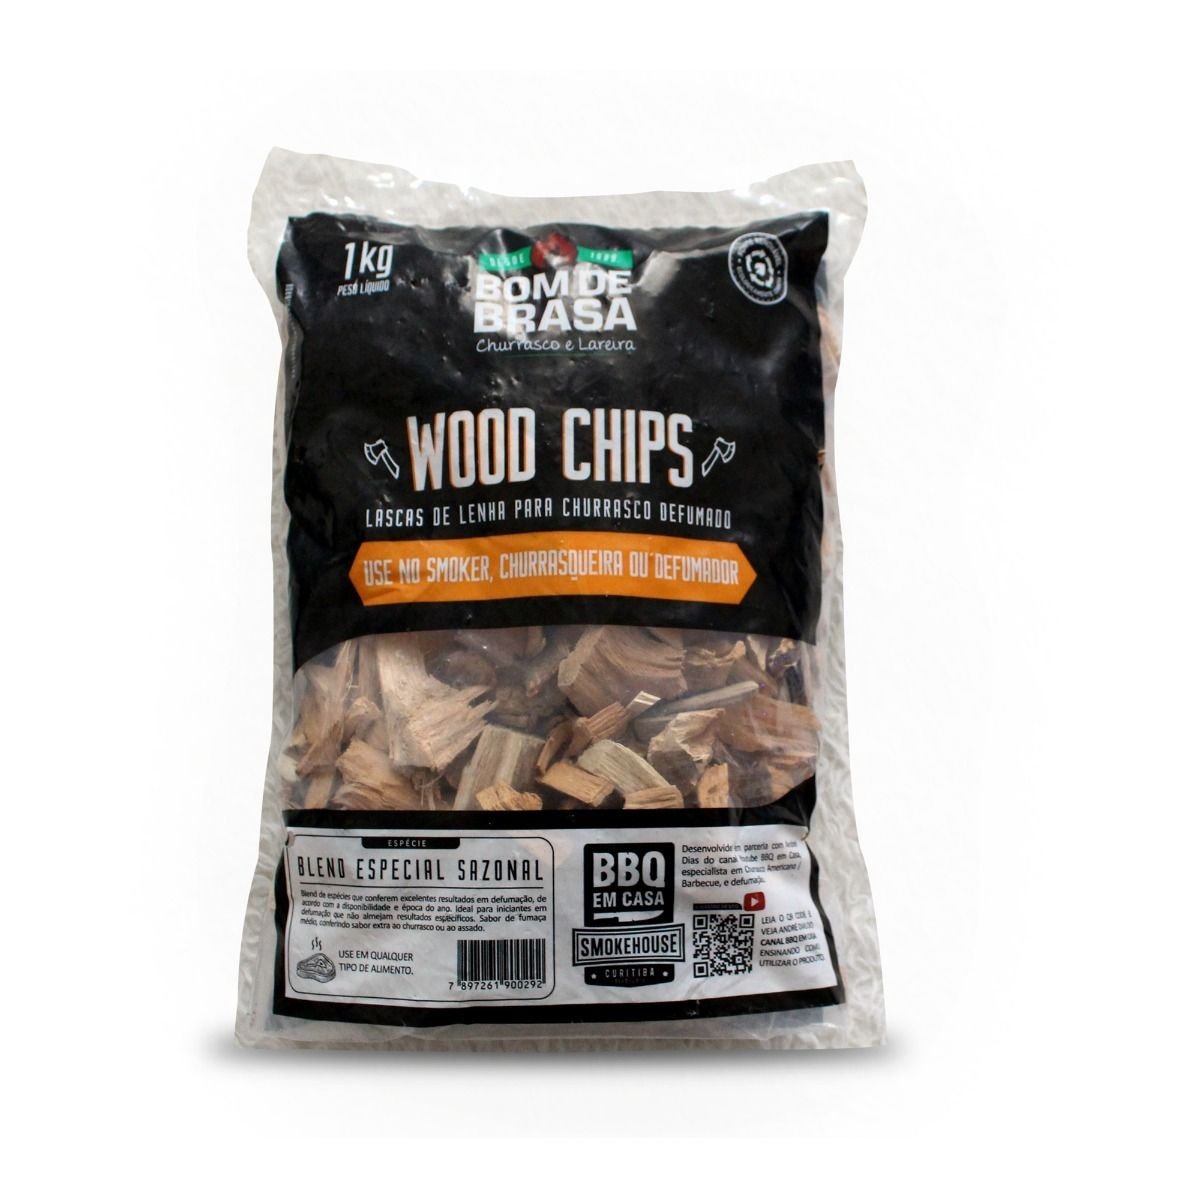 Lascas de Lenha de Madeira Para Defumação Woods Chips Blend Especial Sazonal - 1 KG